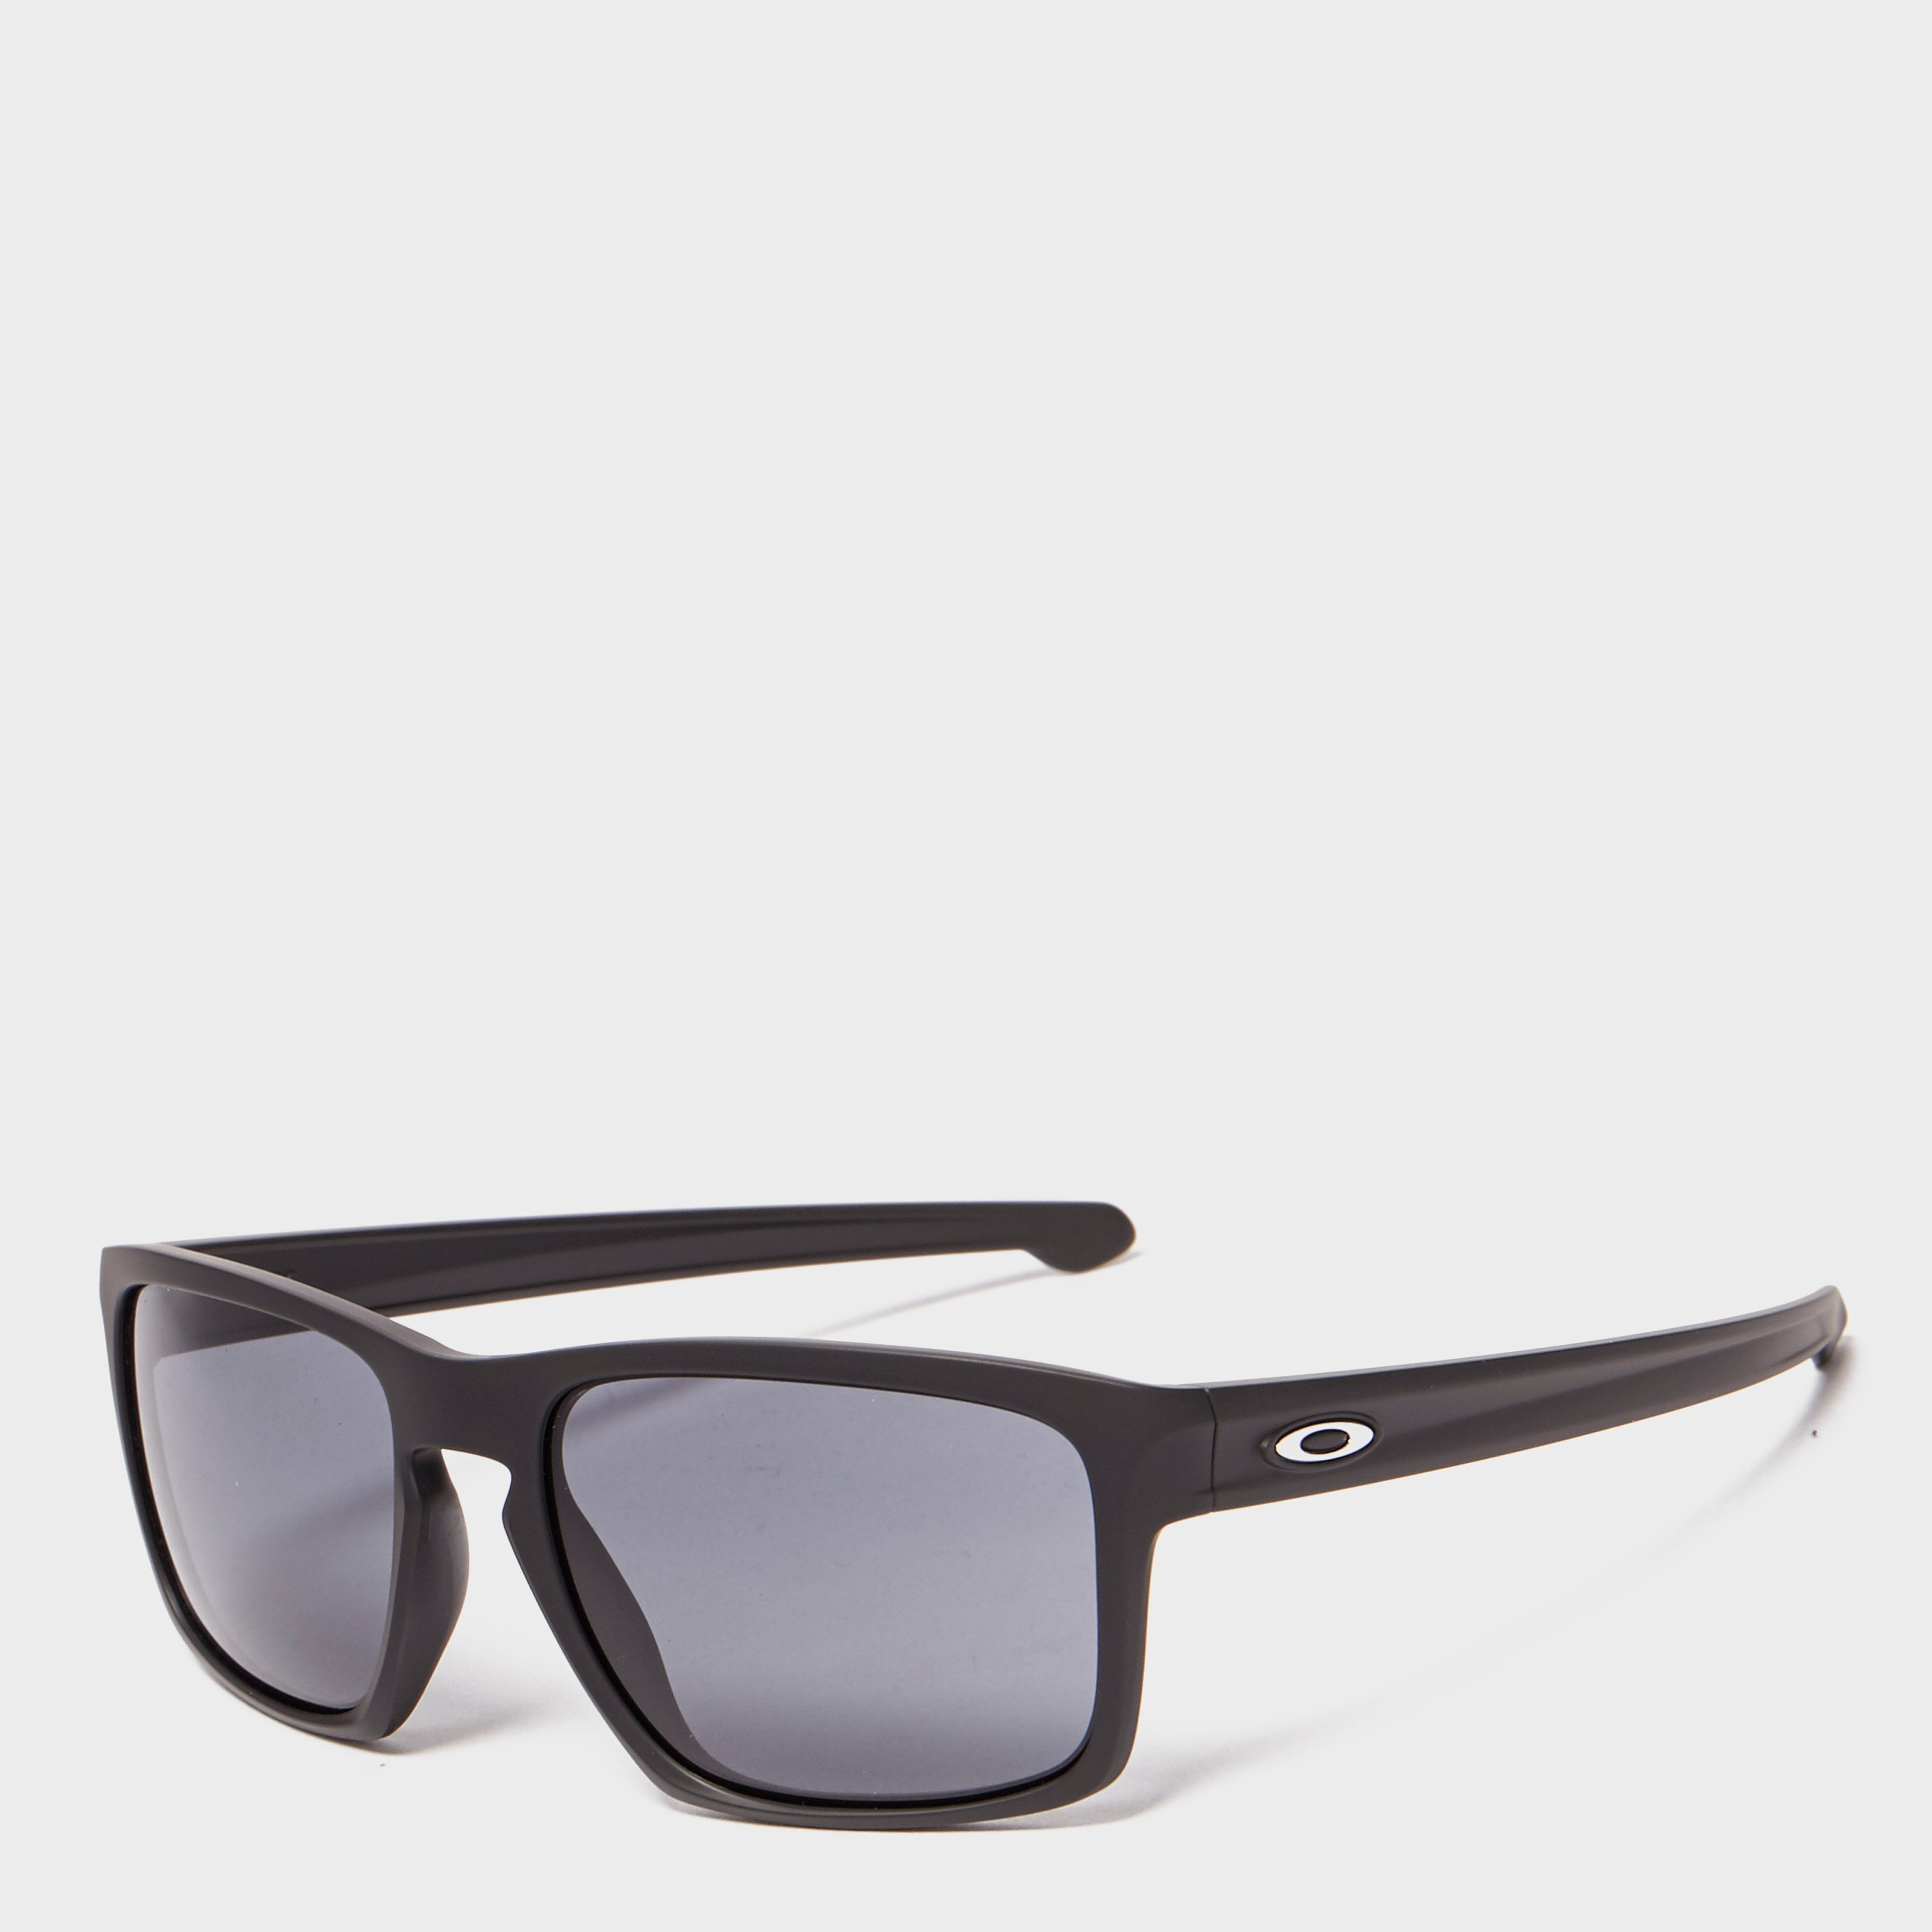 OAKLEY Silver™ Sunglasses